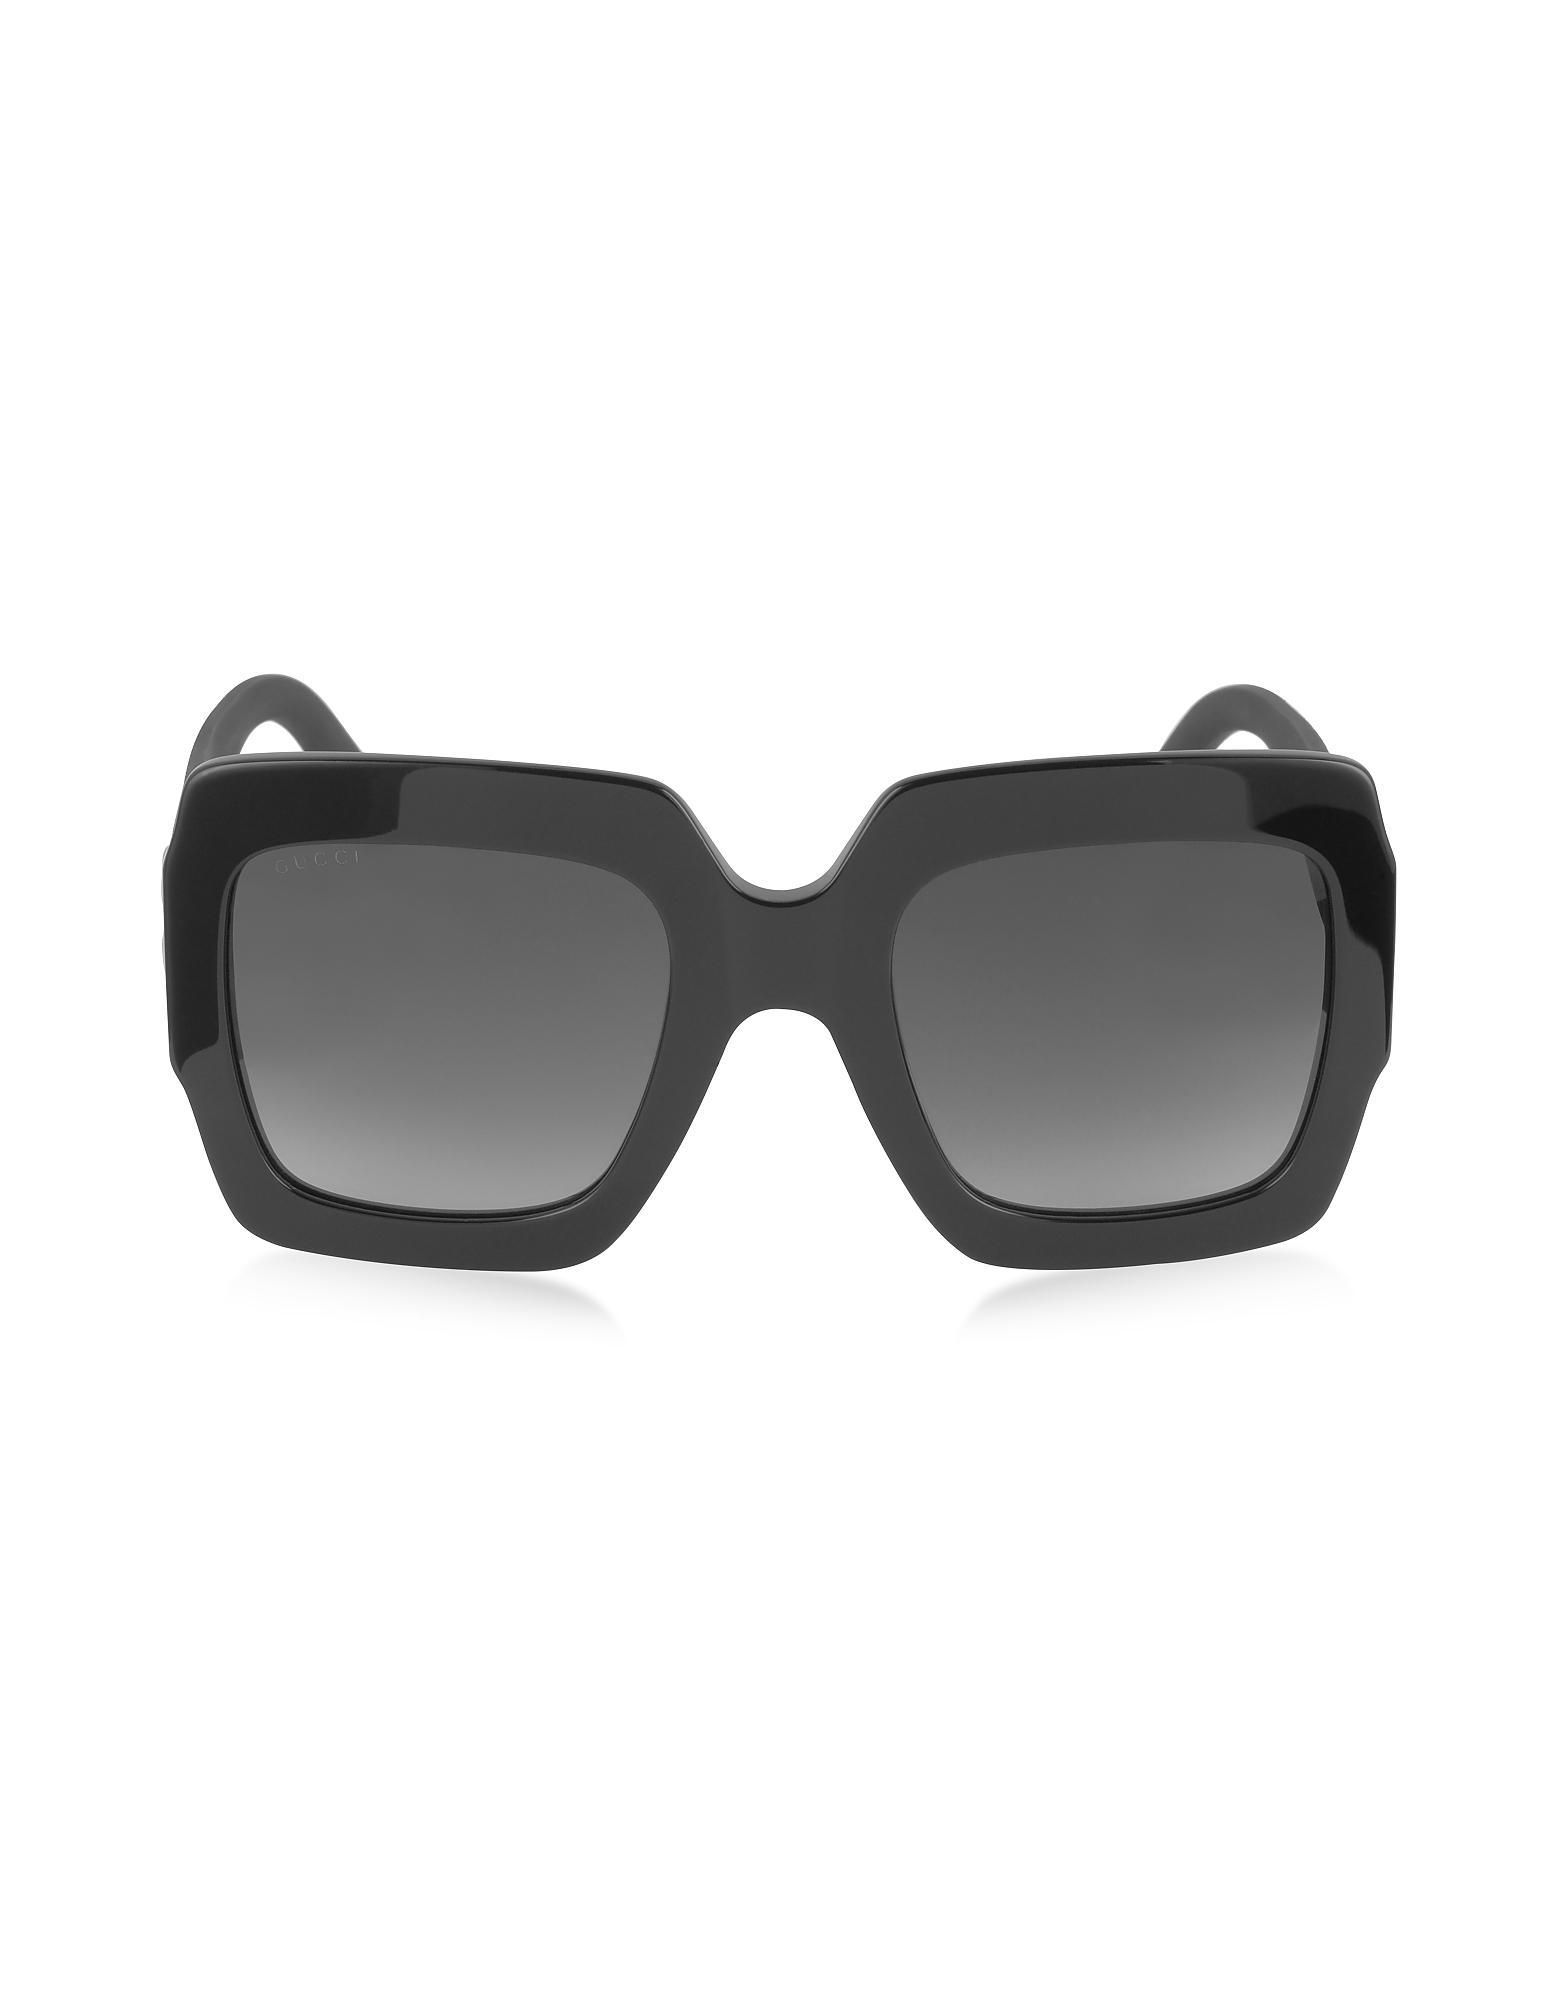 77aed92594 Gucci GG0053S Optyl Square Women s Sunglasses W glitter Temples in ...